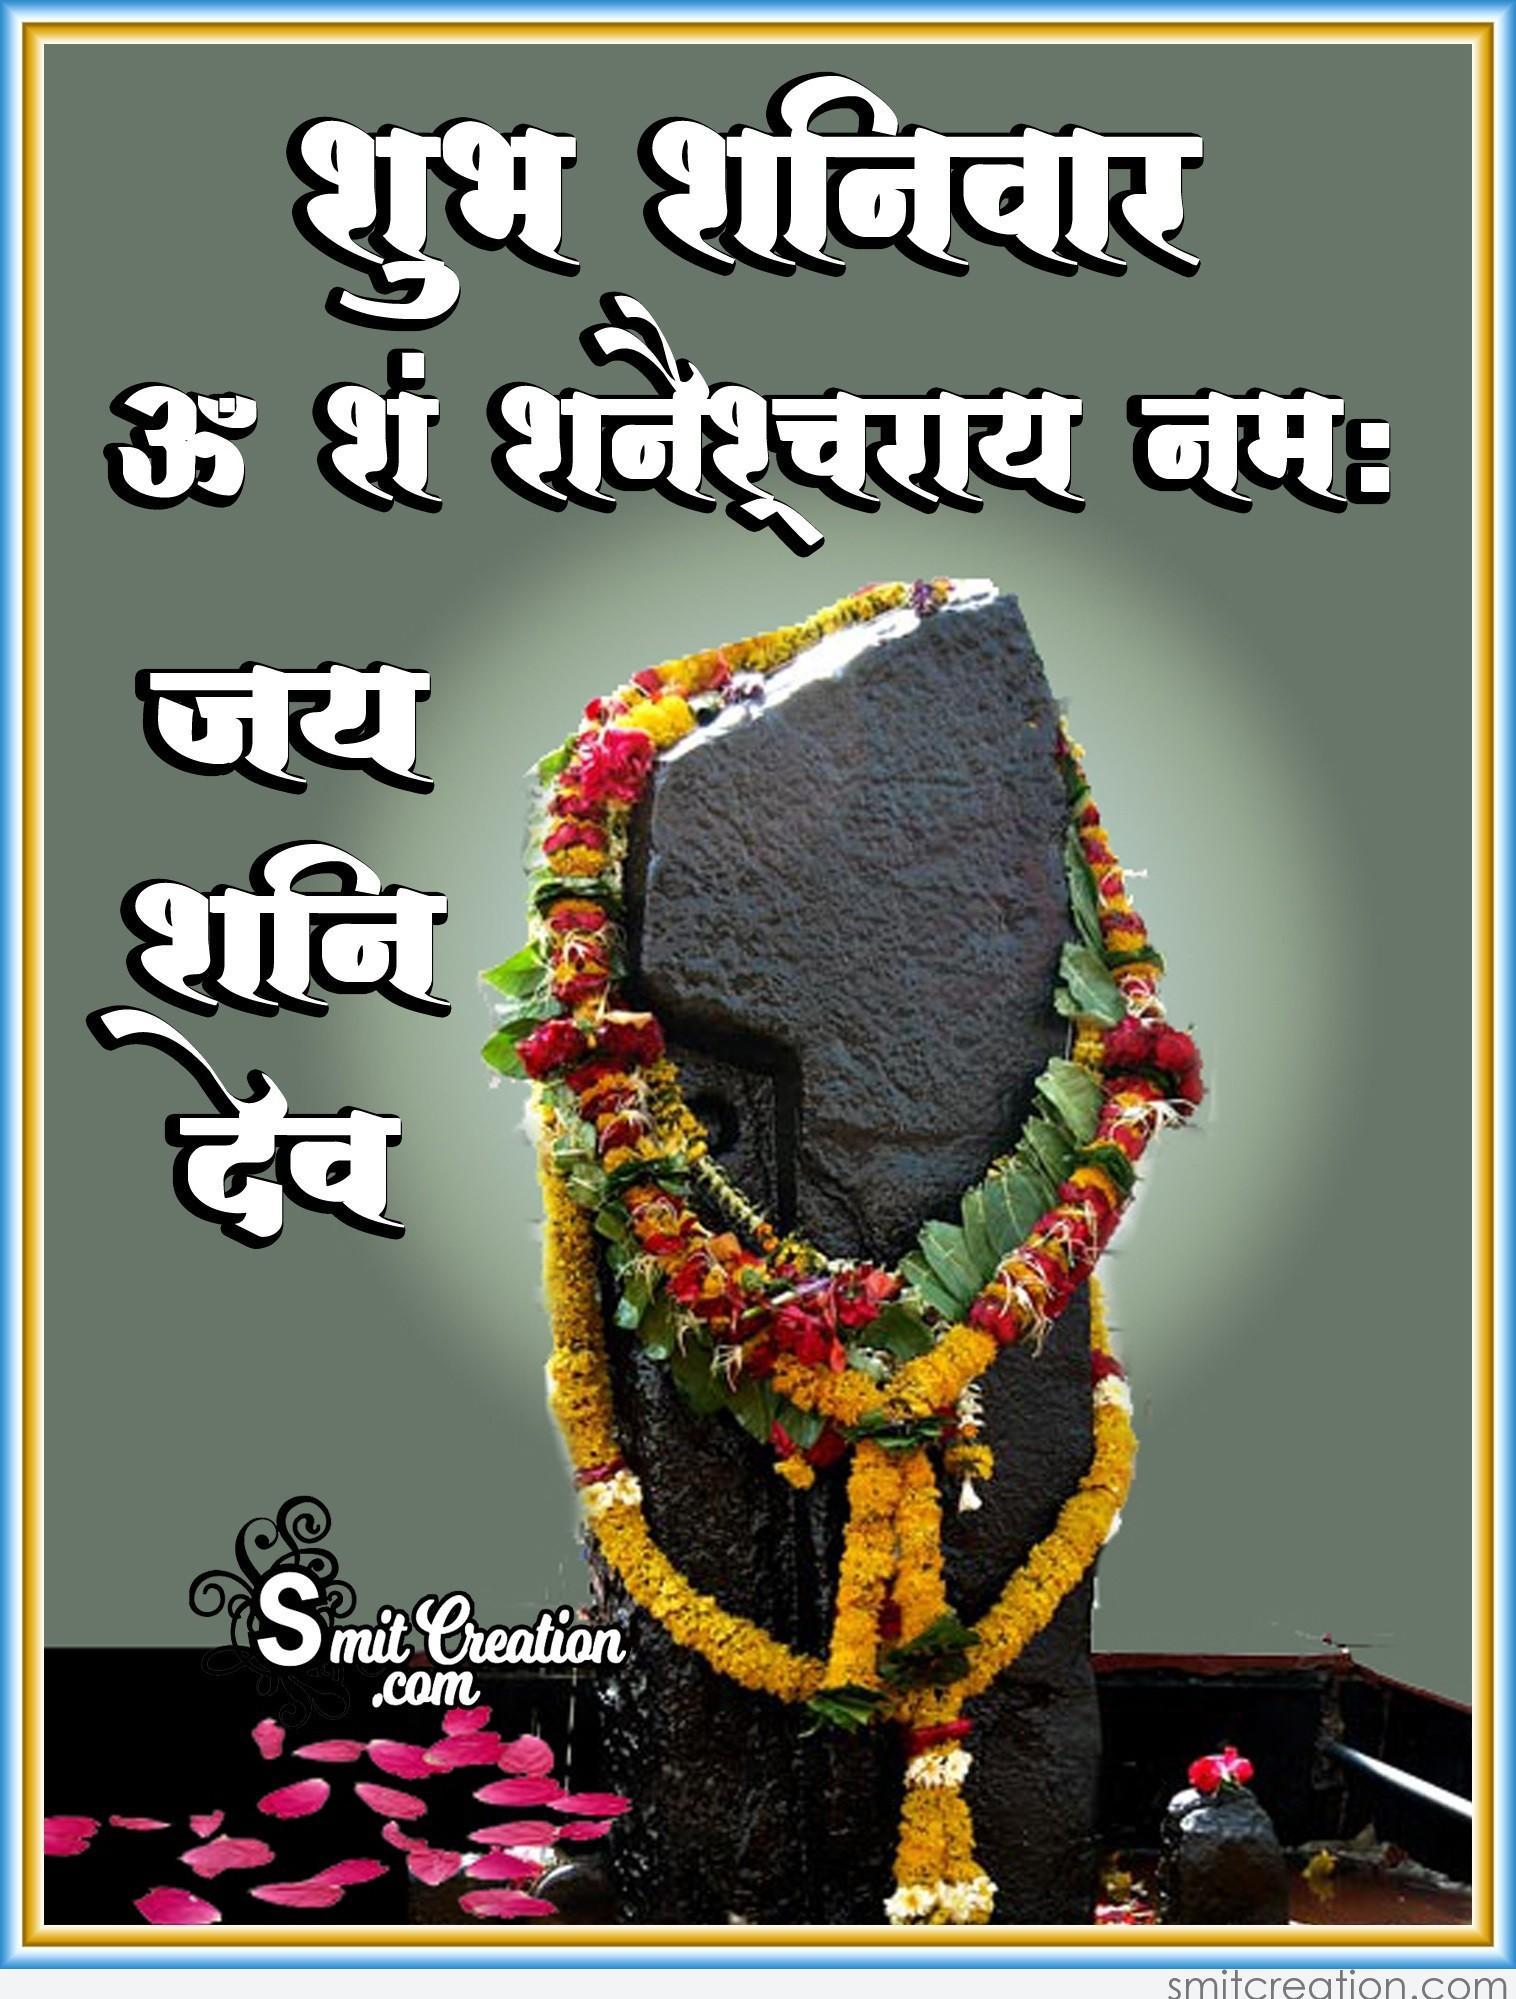 shubh shanivar